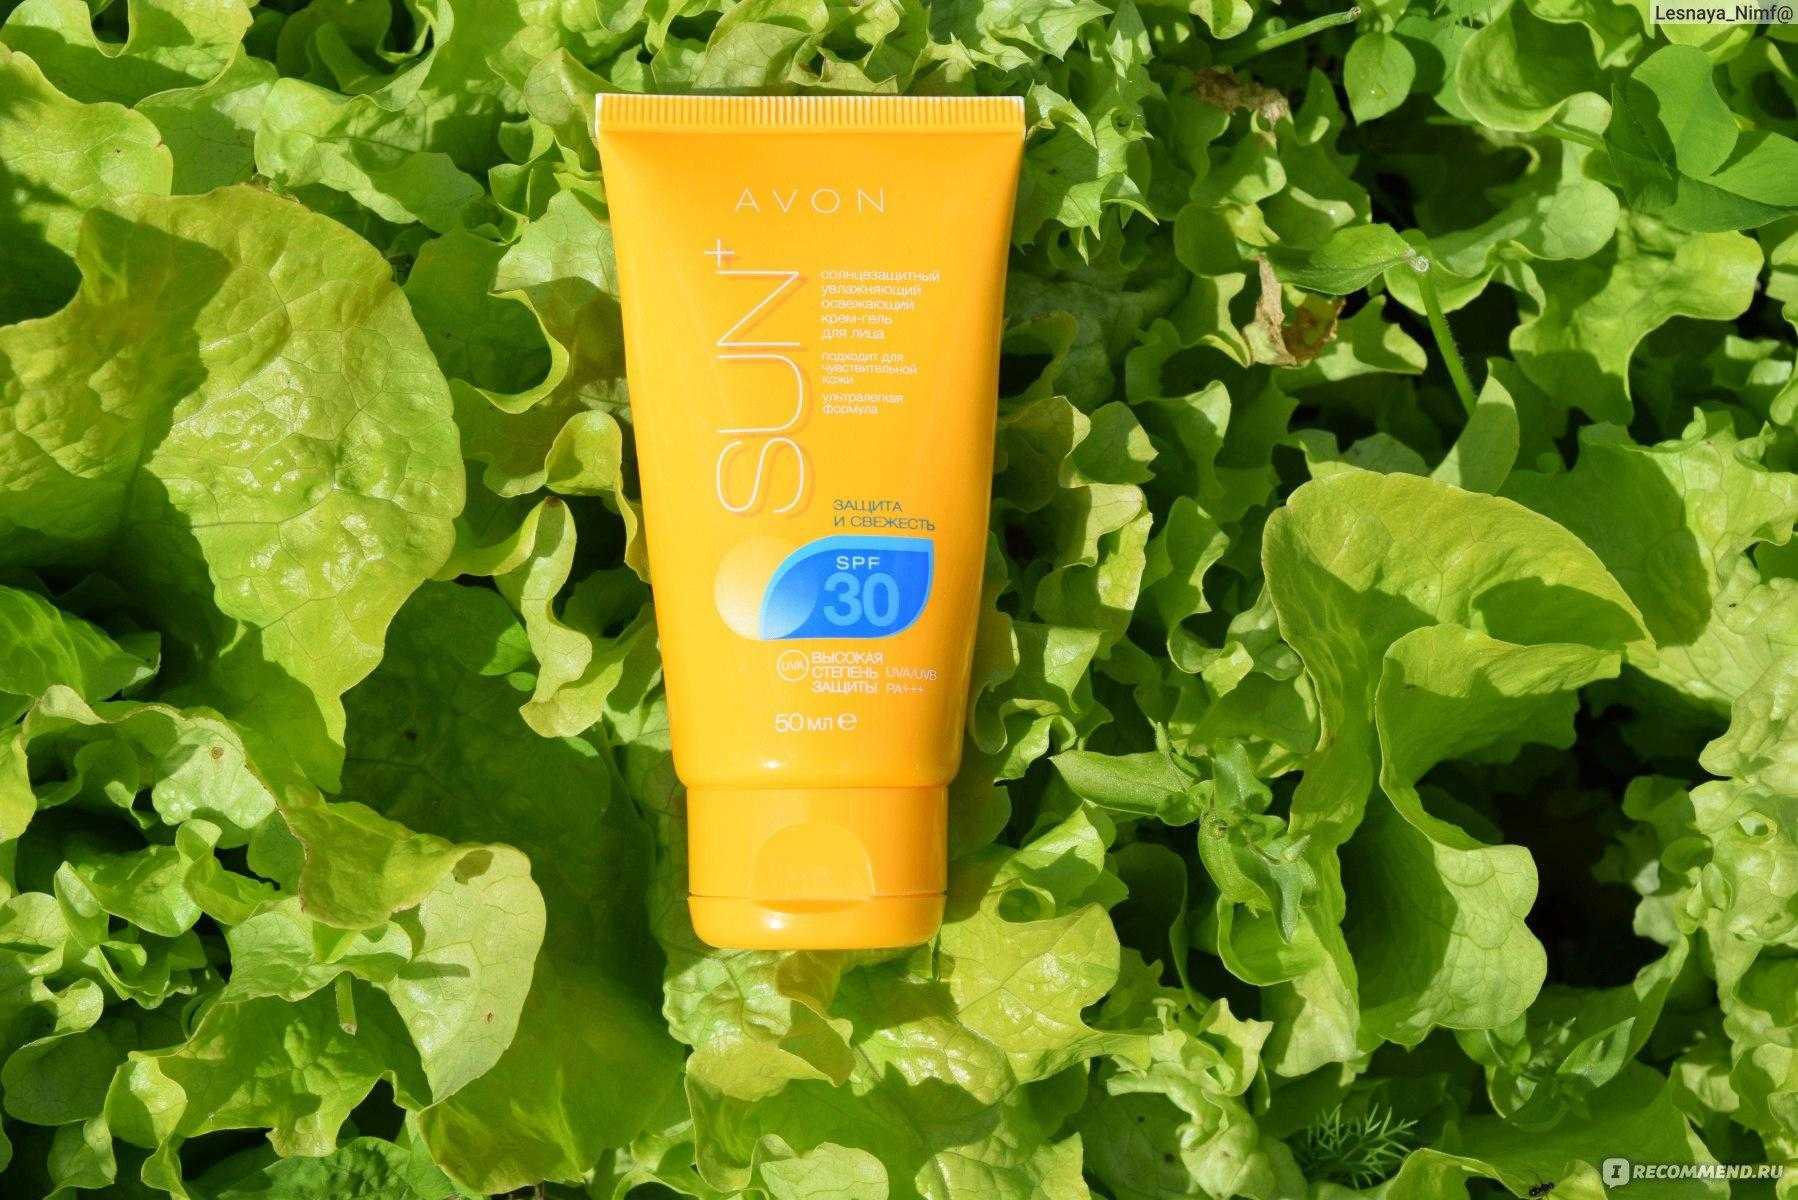 Защита кожи от солнца: способы защиты, если нет солнцезащитного крема, народные средства |